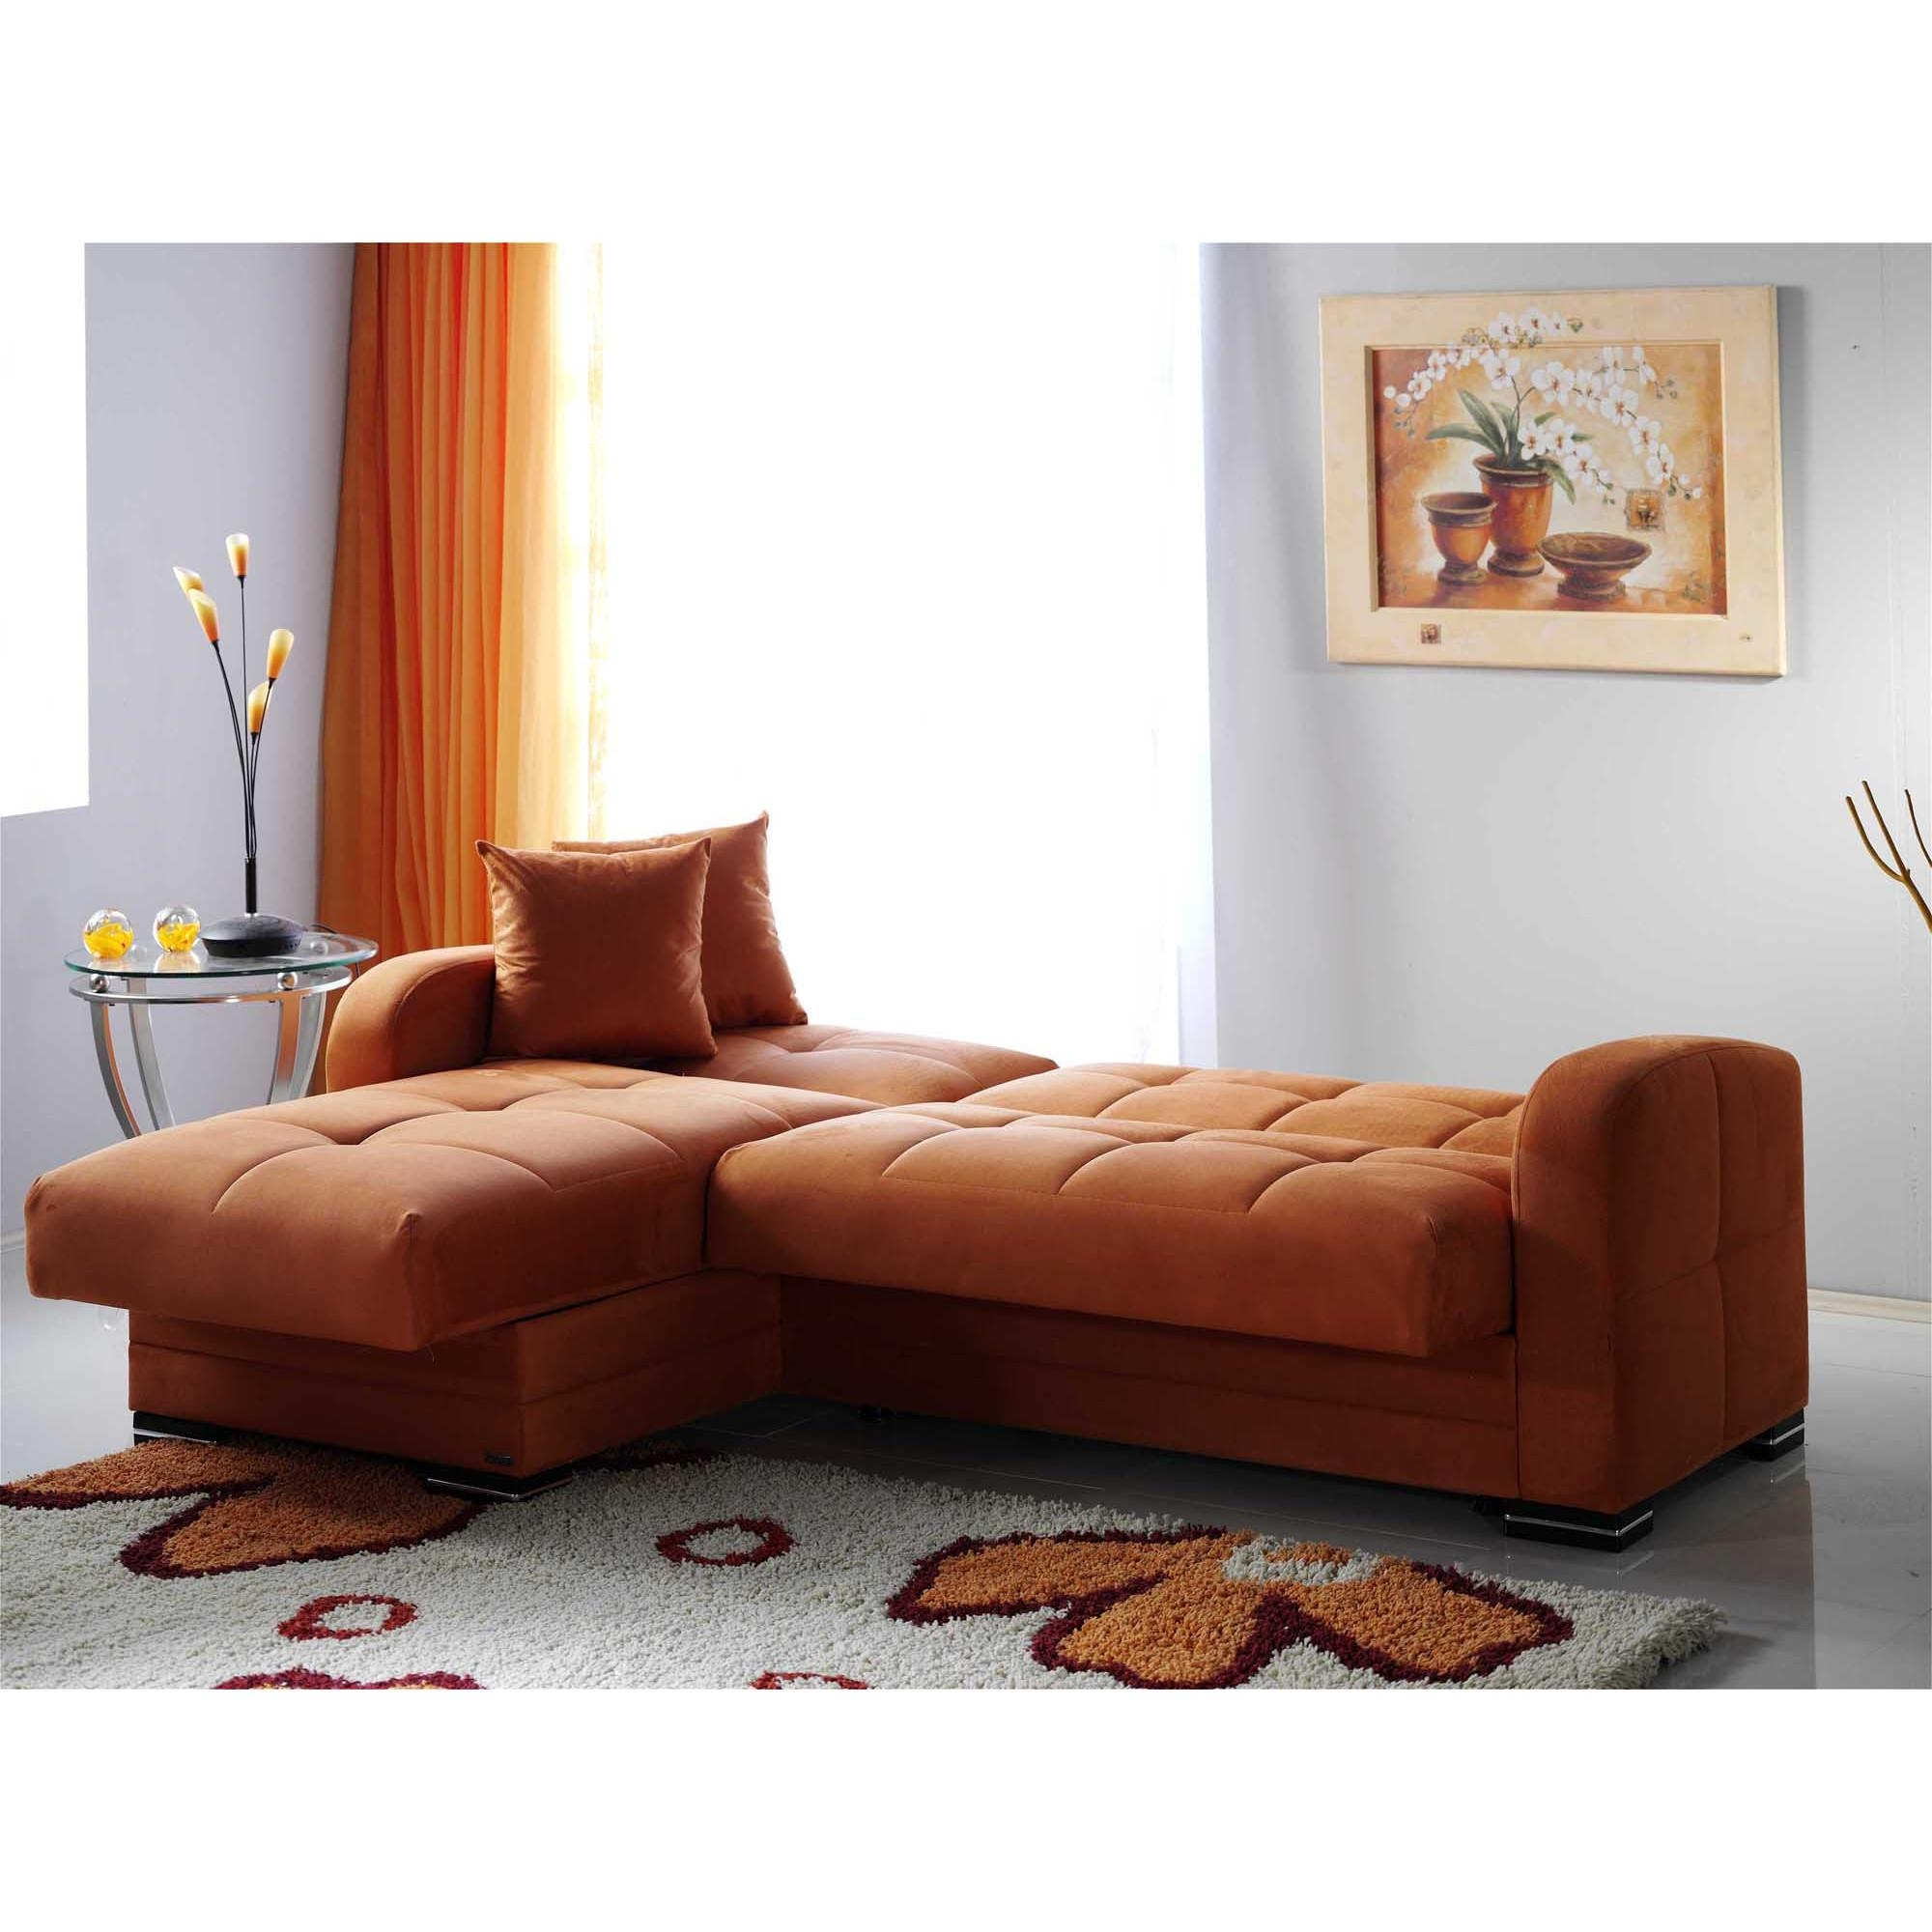 Kubo Rainbow Orange Sectional Sofasunset throughout Orange Sectional Sofa